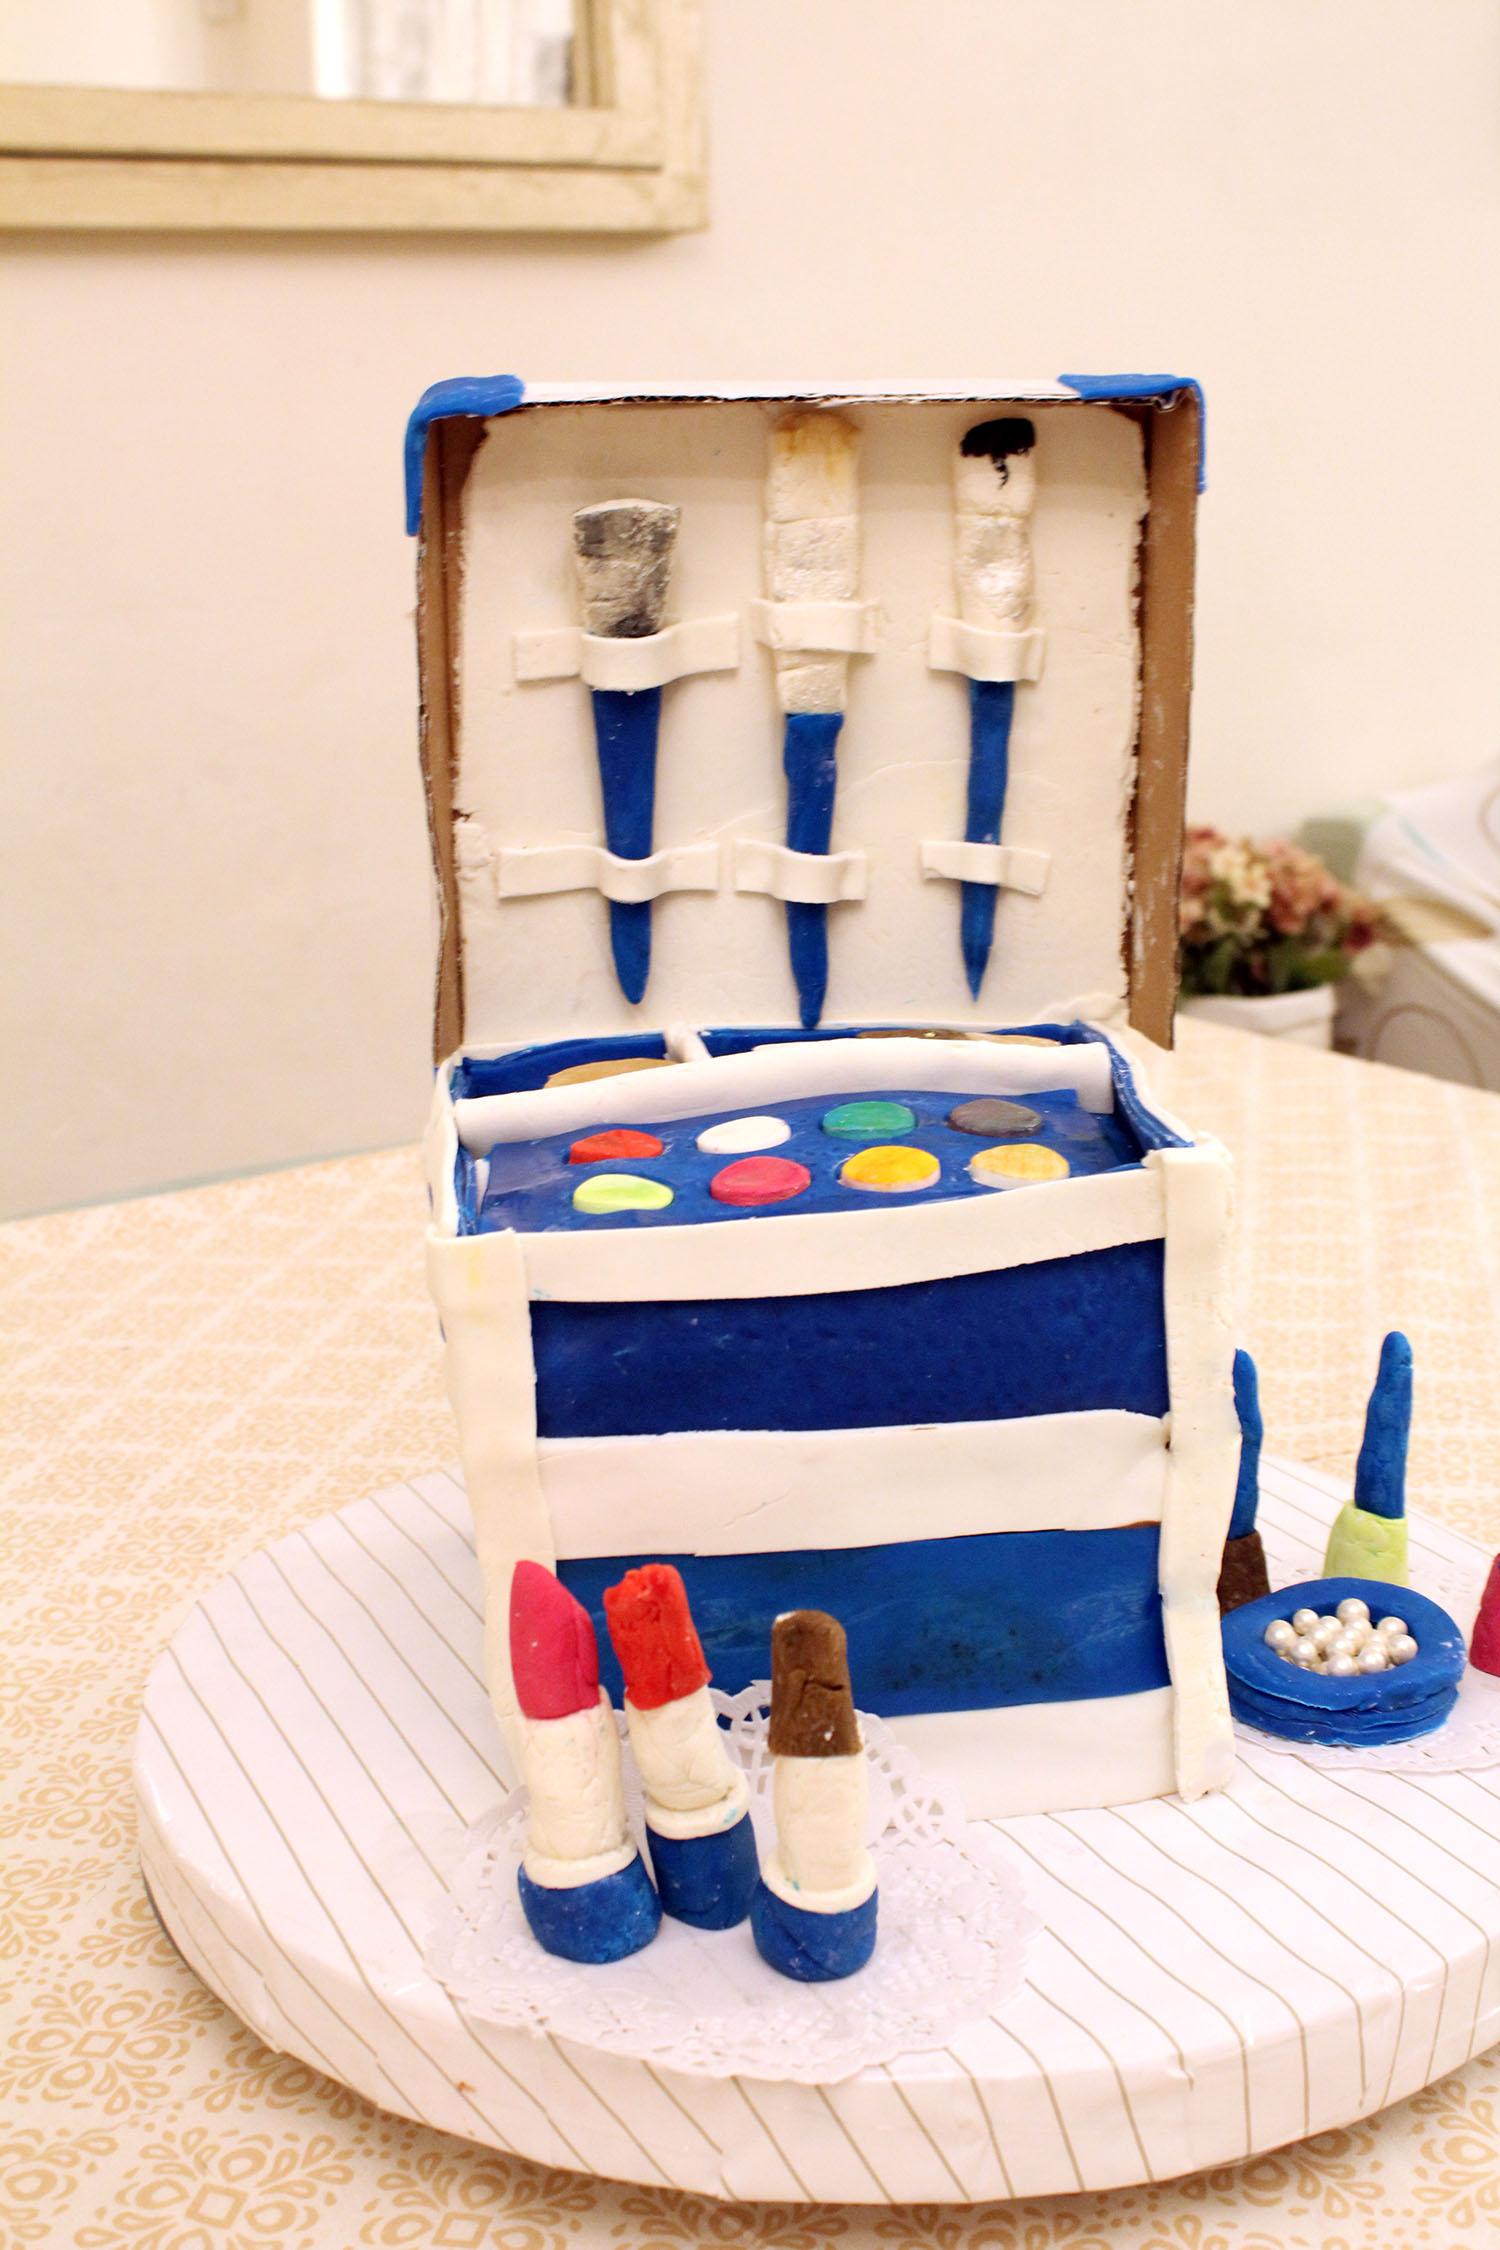 IMG 6438 - עוגה : סט איפור